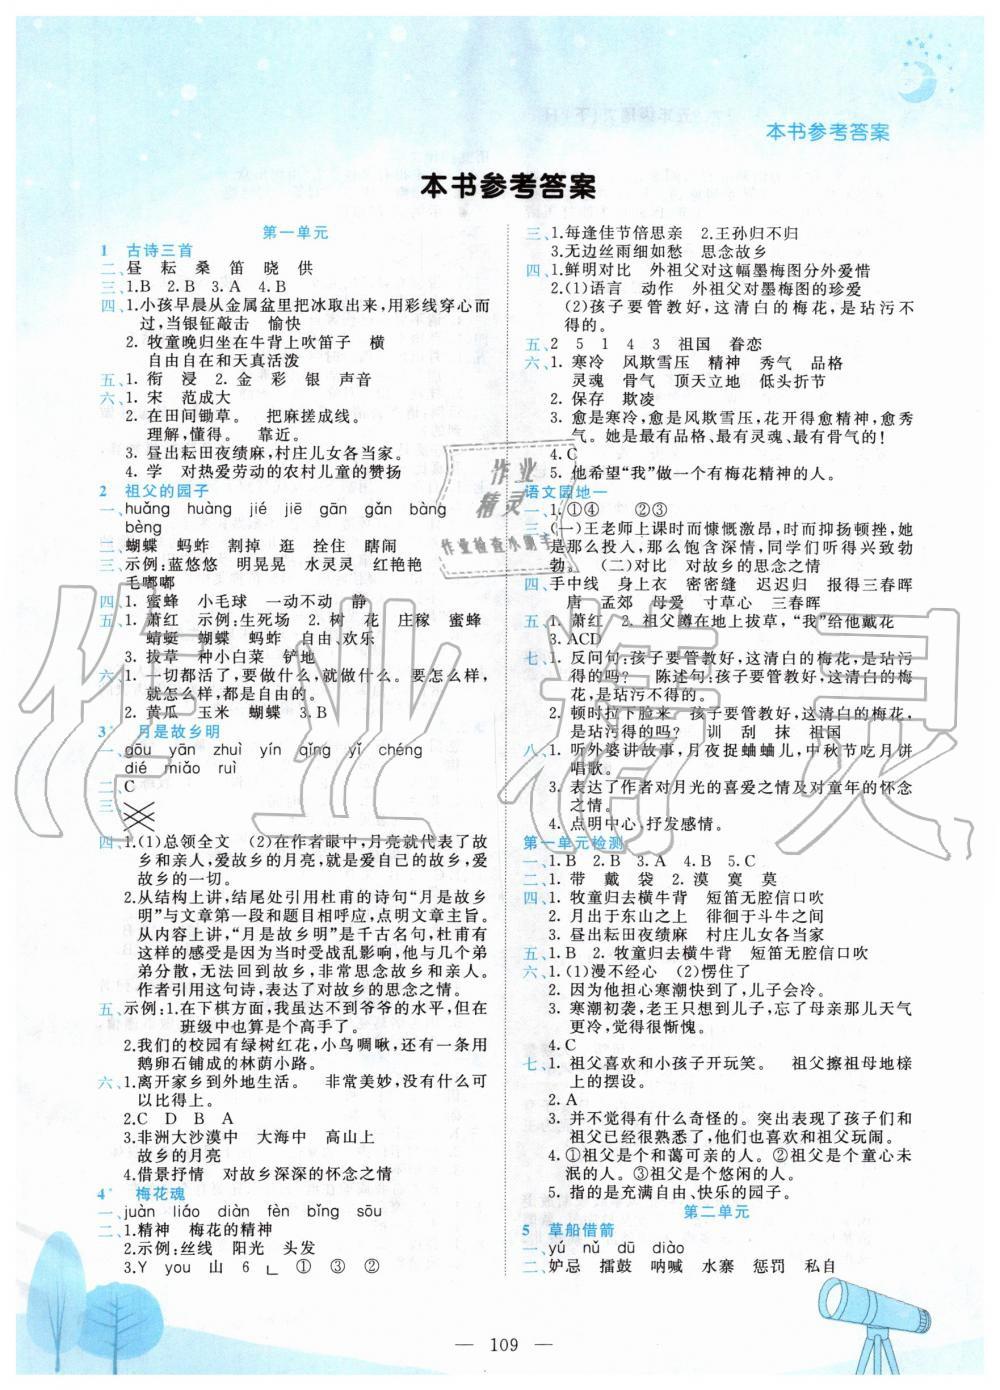 2020年黄冈小状元作业本五年级语文下册人教版第1页